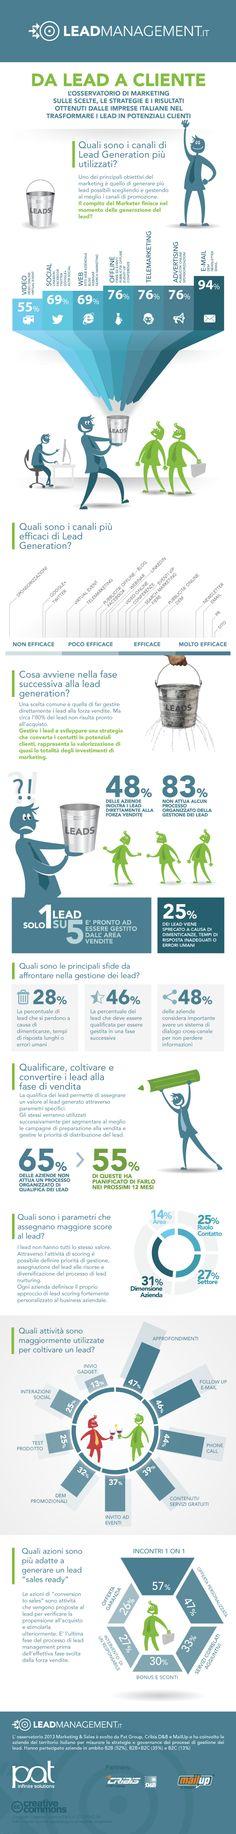 Come le aziende italiane coltivano i contatti commerciali? Lo abbiamo a chiesto ai Responsabili Marketing, Sales e ai CEO di numerose imprese italiane. Ecco i risultati ➪ http://www.leadmanagement.it/infografica-lead-management/